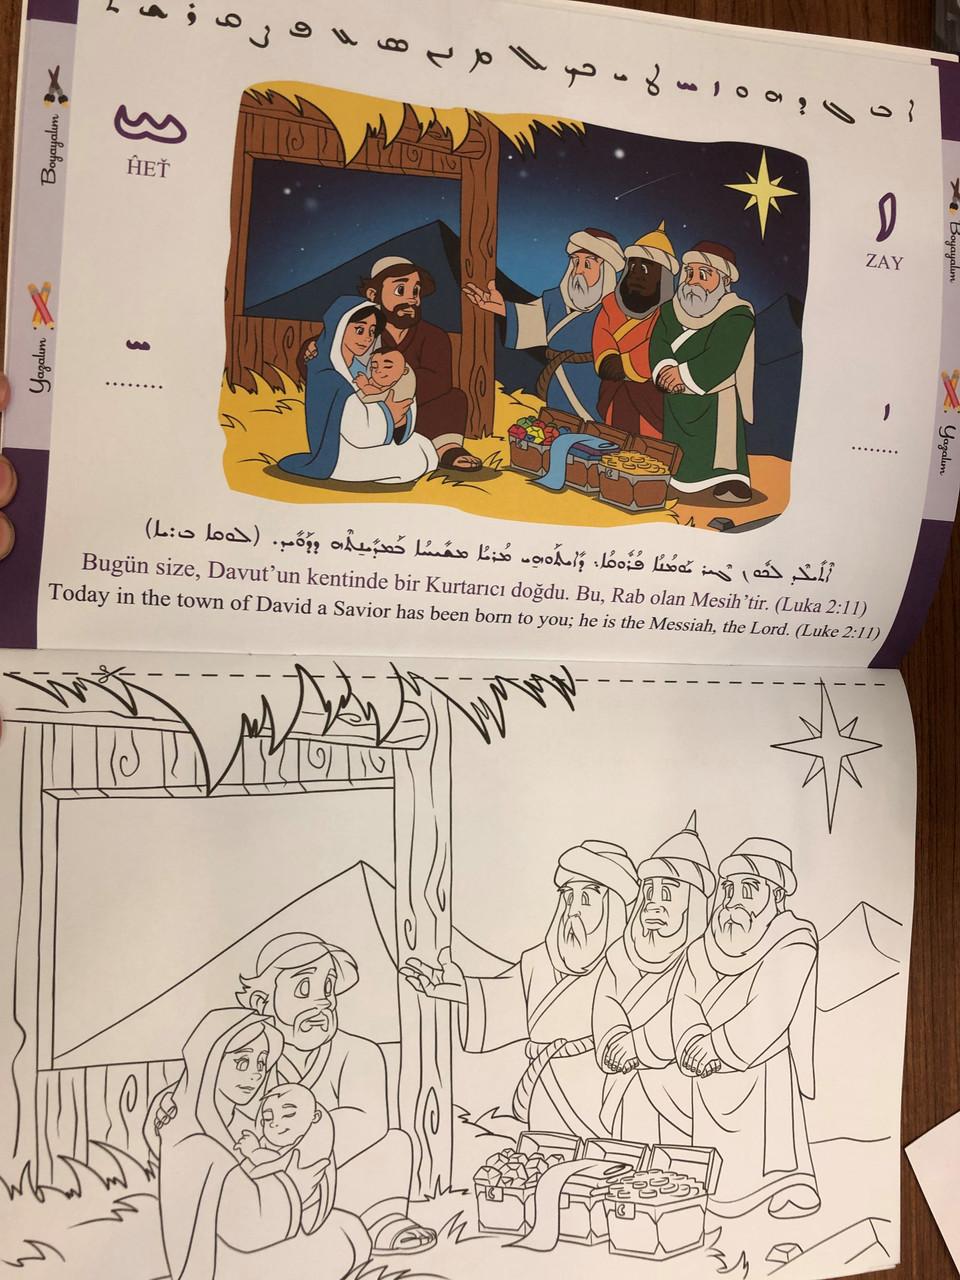 Boyama Kitabi Kutsal Kitap Tan Resim Ve Ayetlerle Biblical